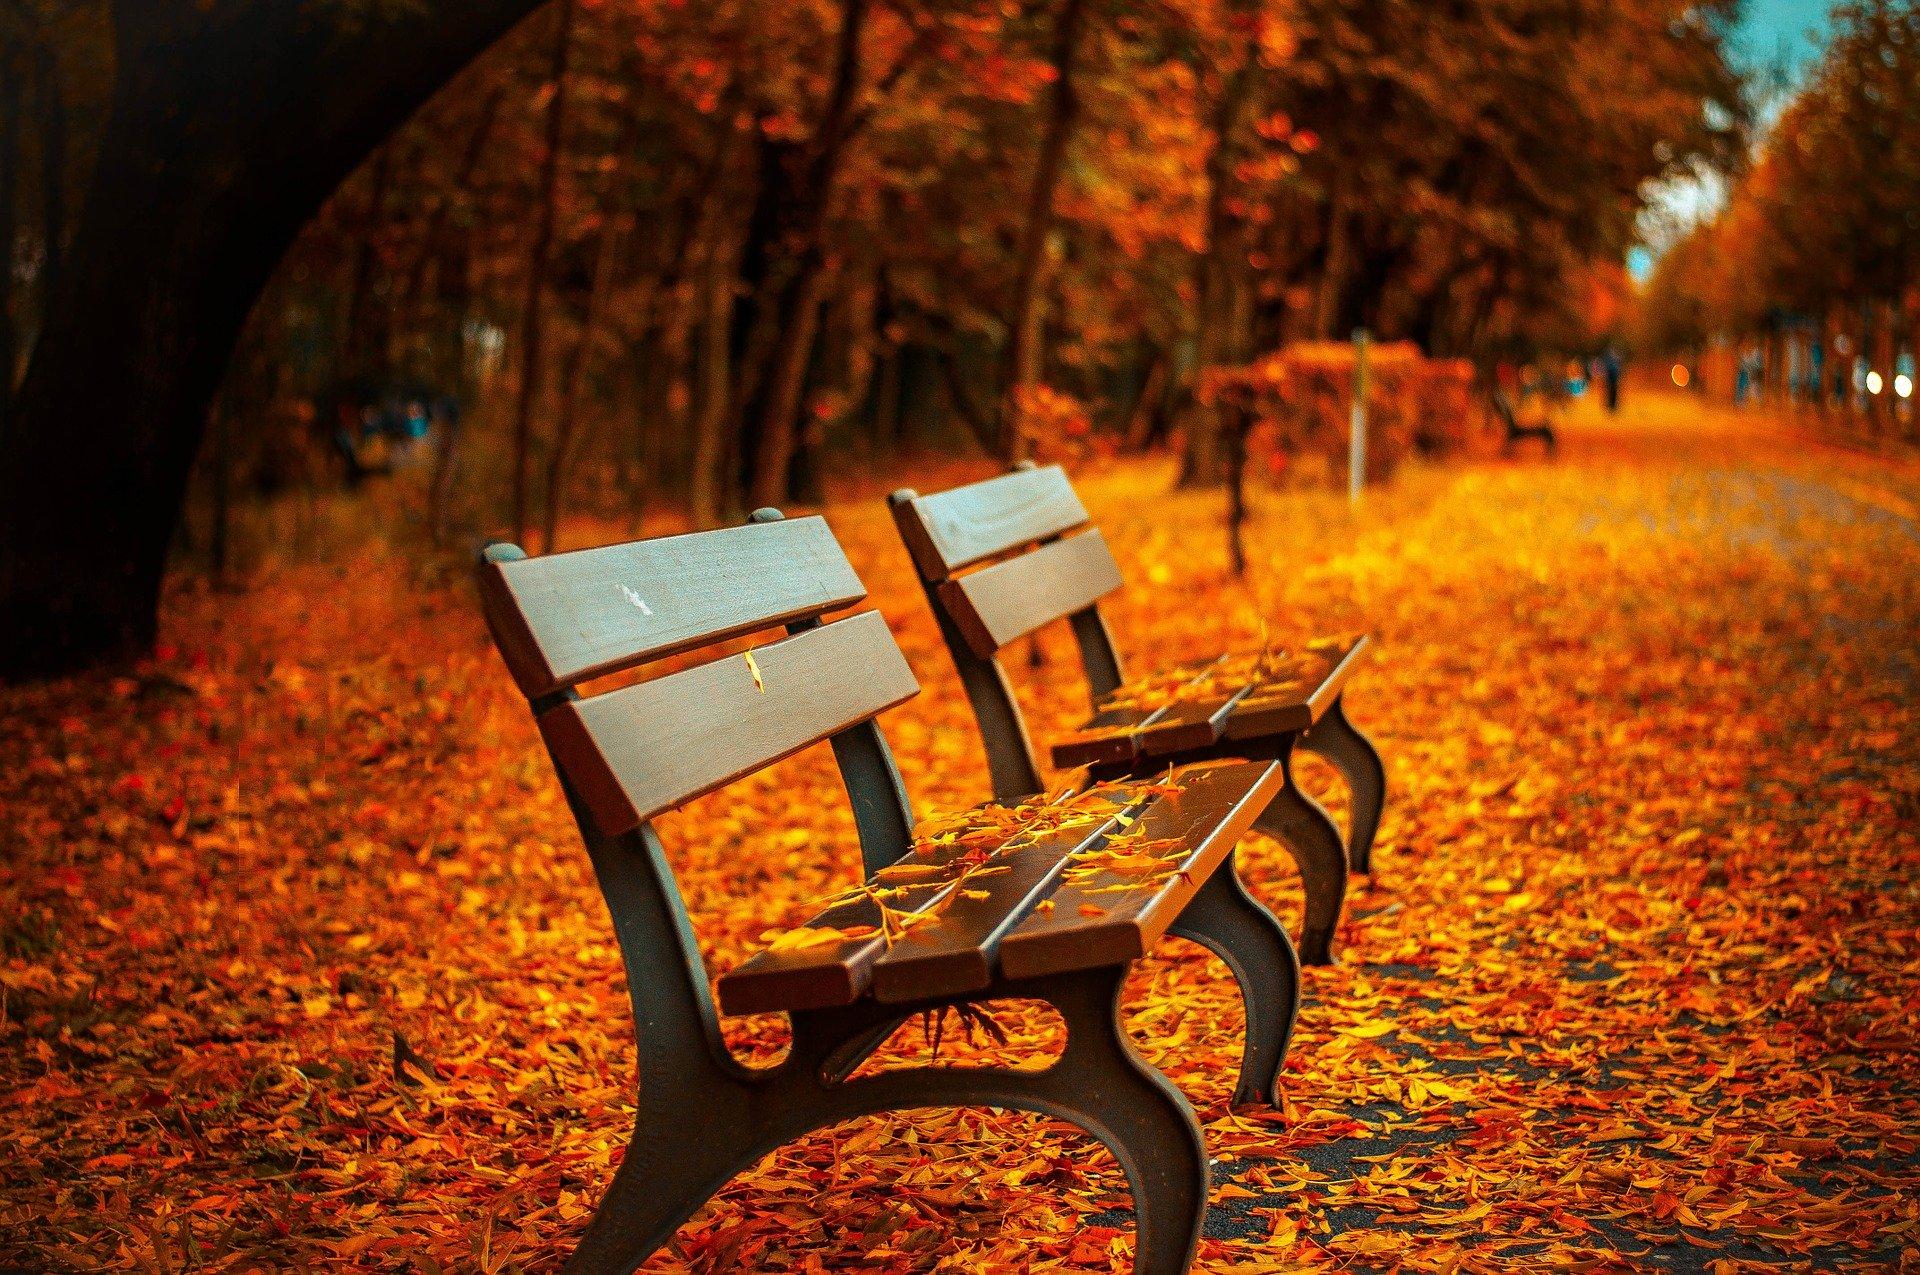 Bancs urbains au milieu d'un parc en automne au milieu de feuilles d'abres oranges tombées sur le sol